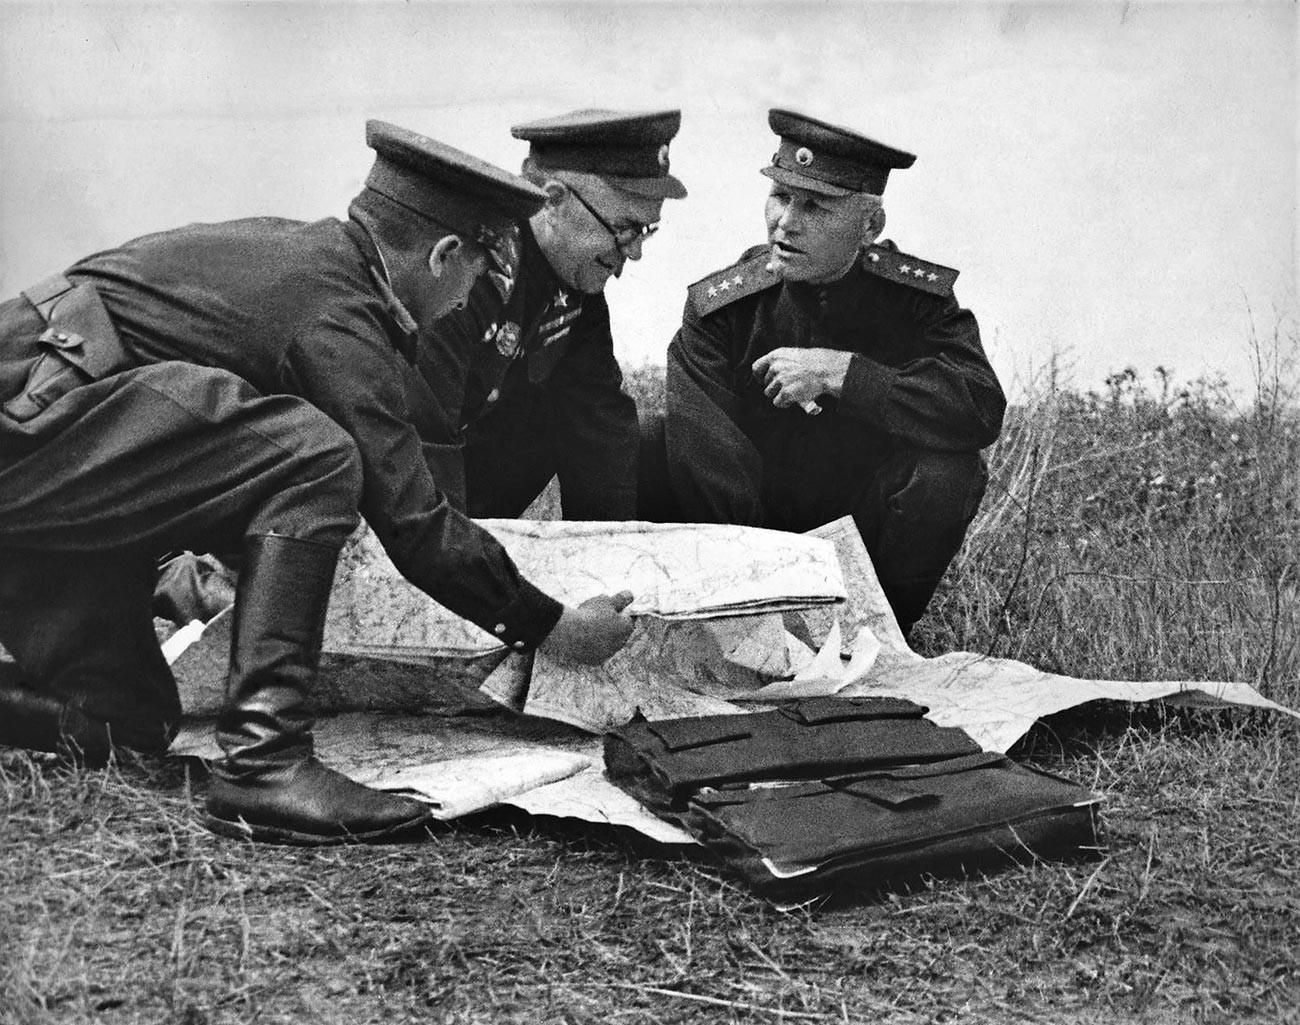 Заместитель Верховного главнокомандующего Маршал Советского Союза Жуков и командующий Степным фронтом генерал-полковник Конев в период Курской битвы.